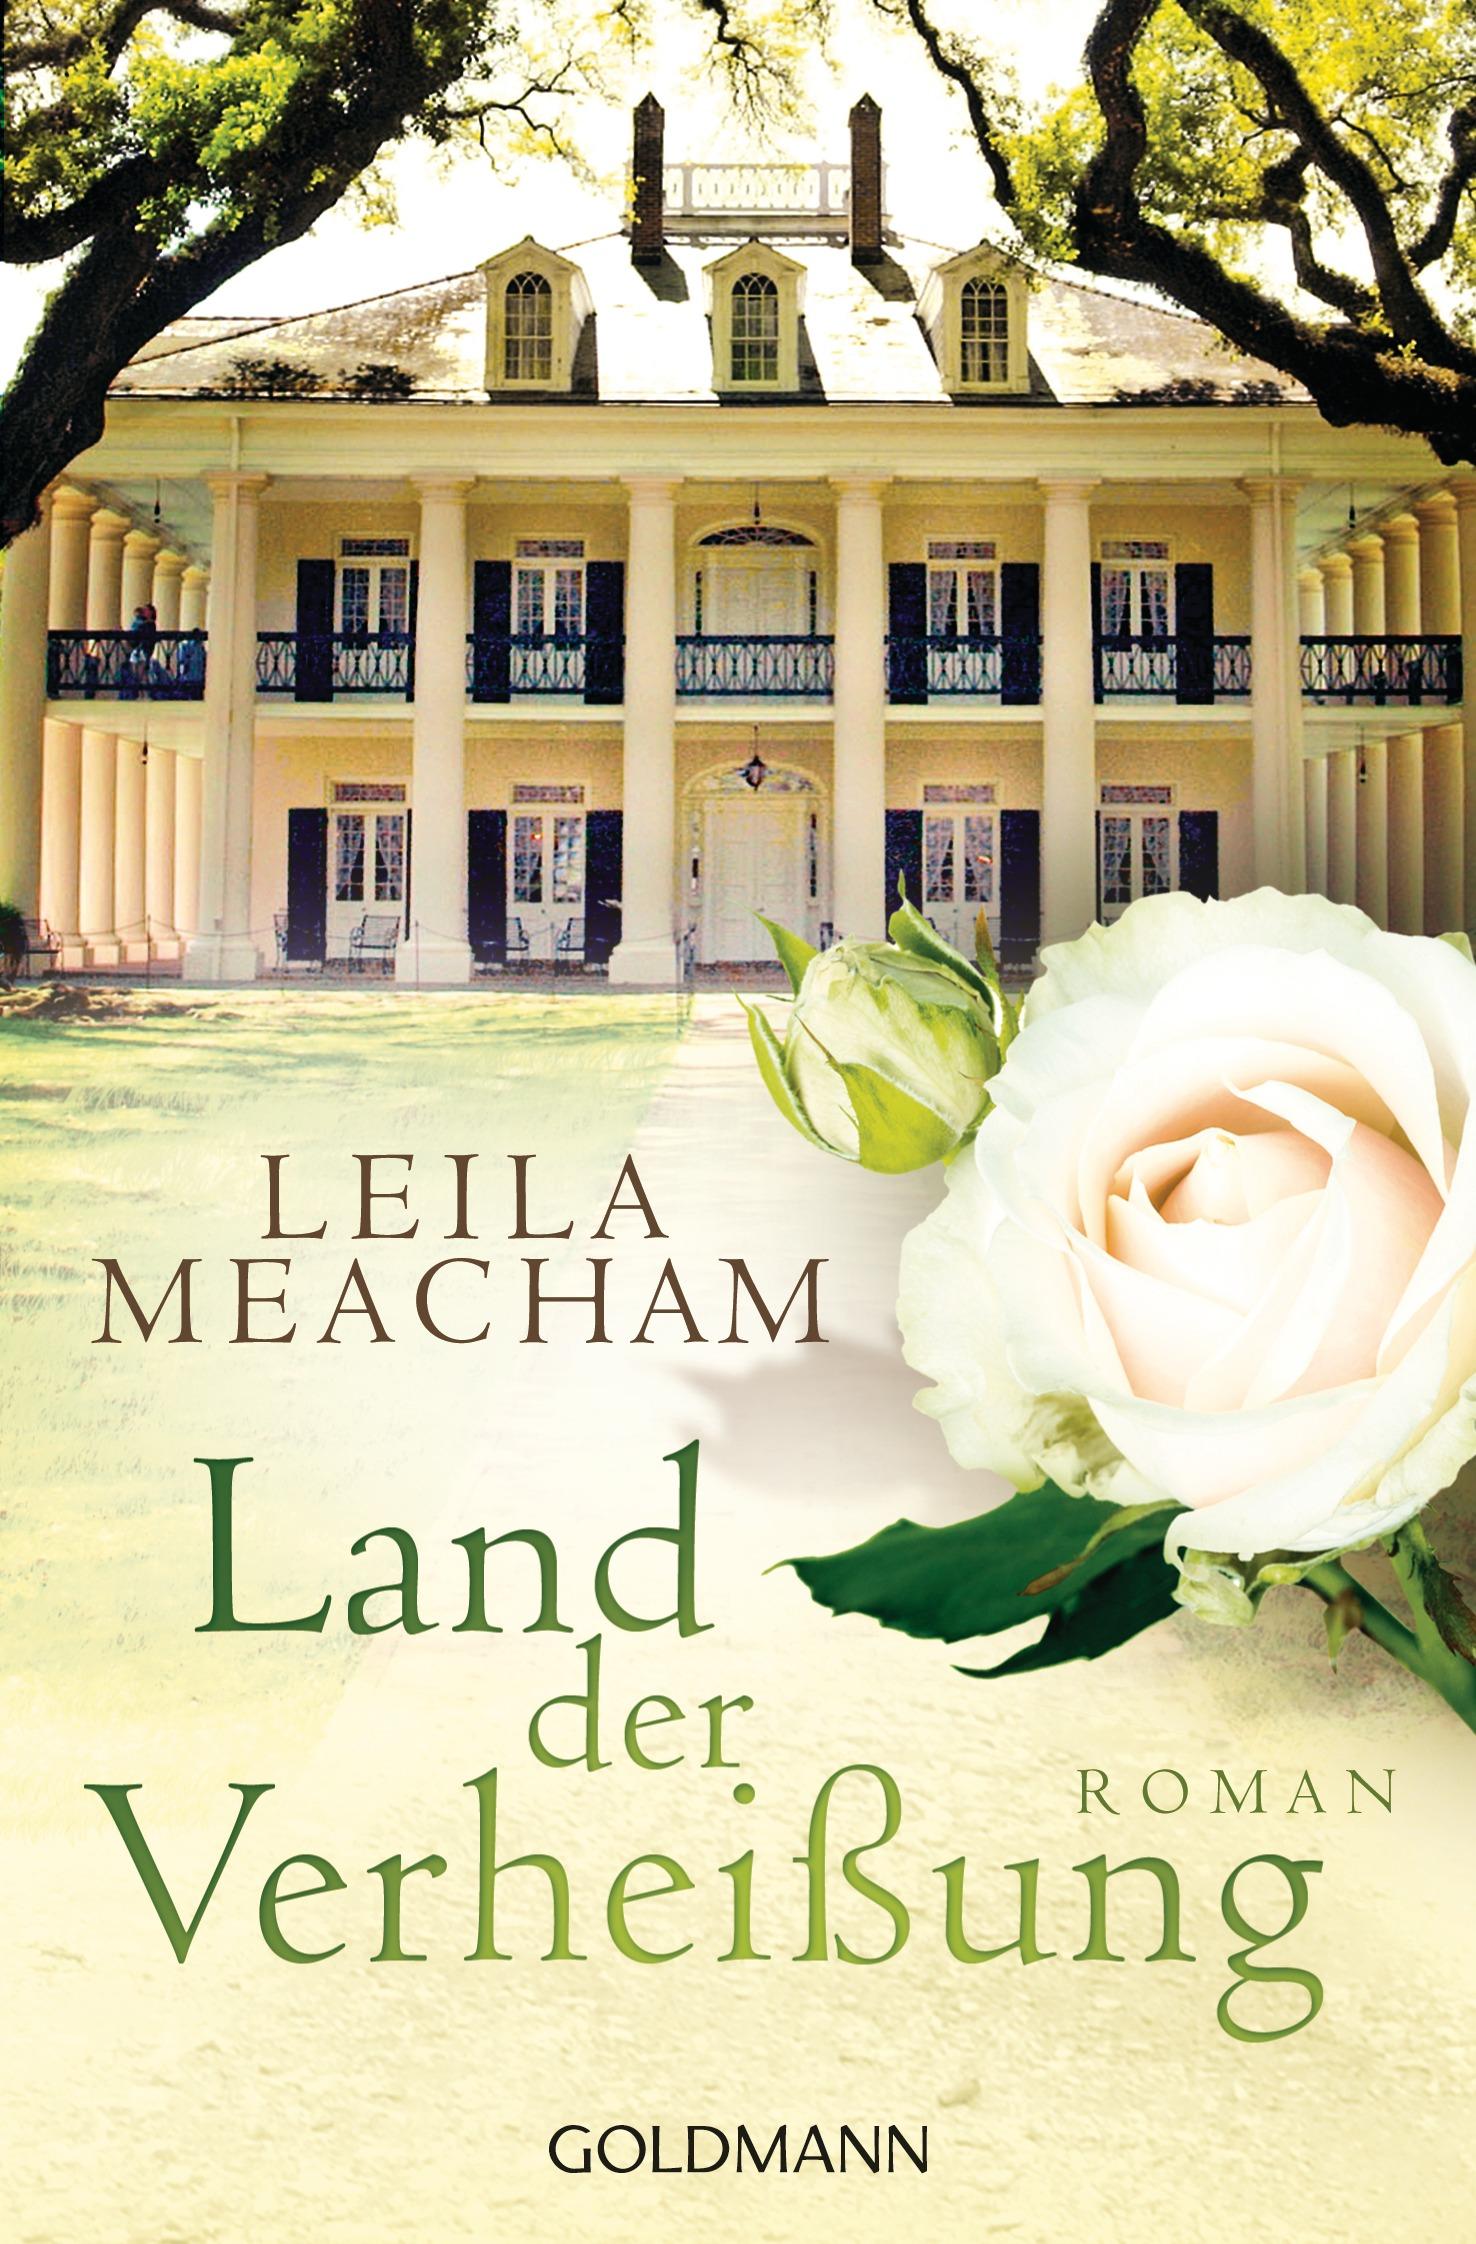 Land der Verheißung - Leila Meacham